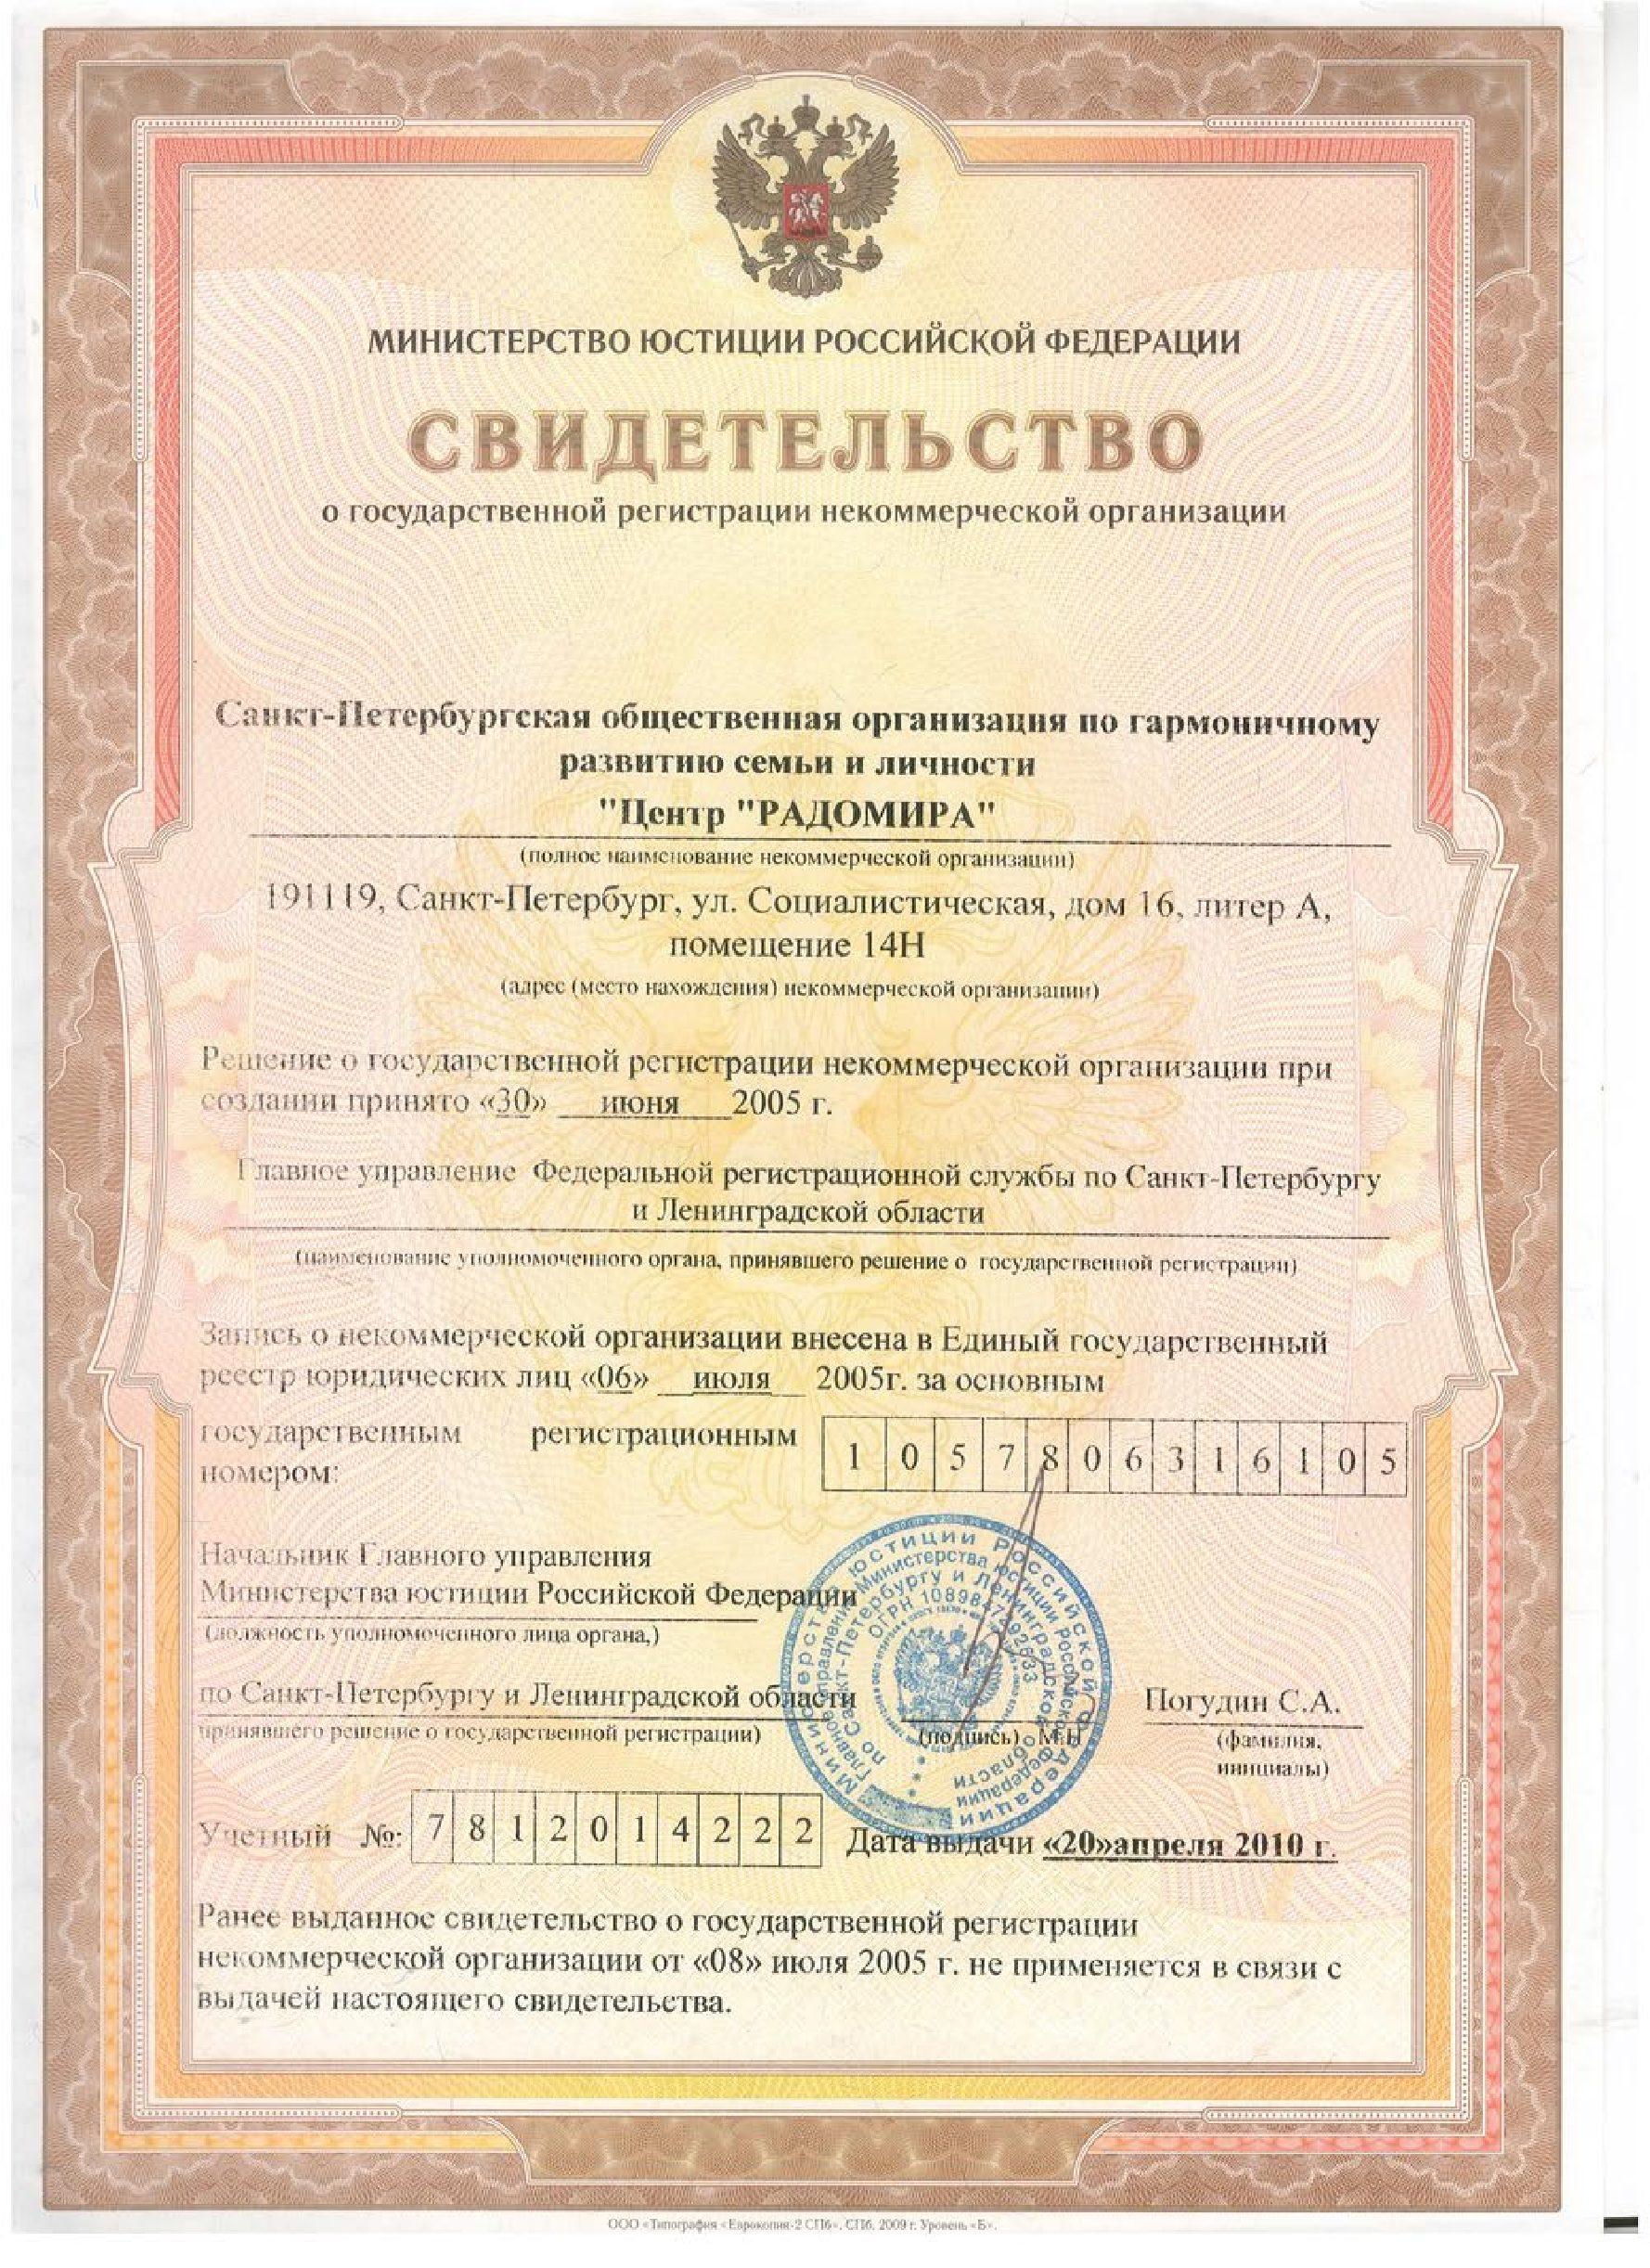 Свидетельство о гос. регистрации организации